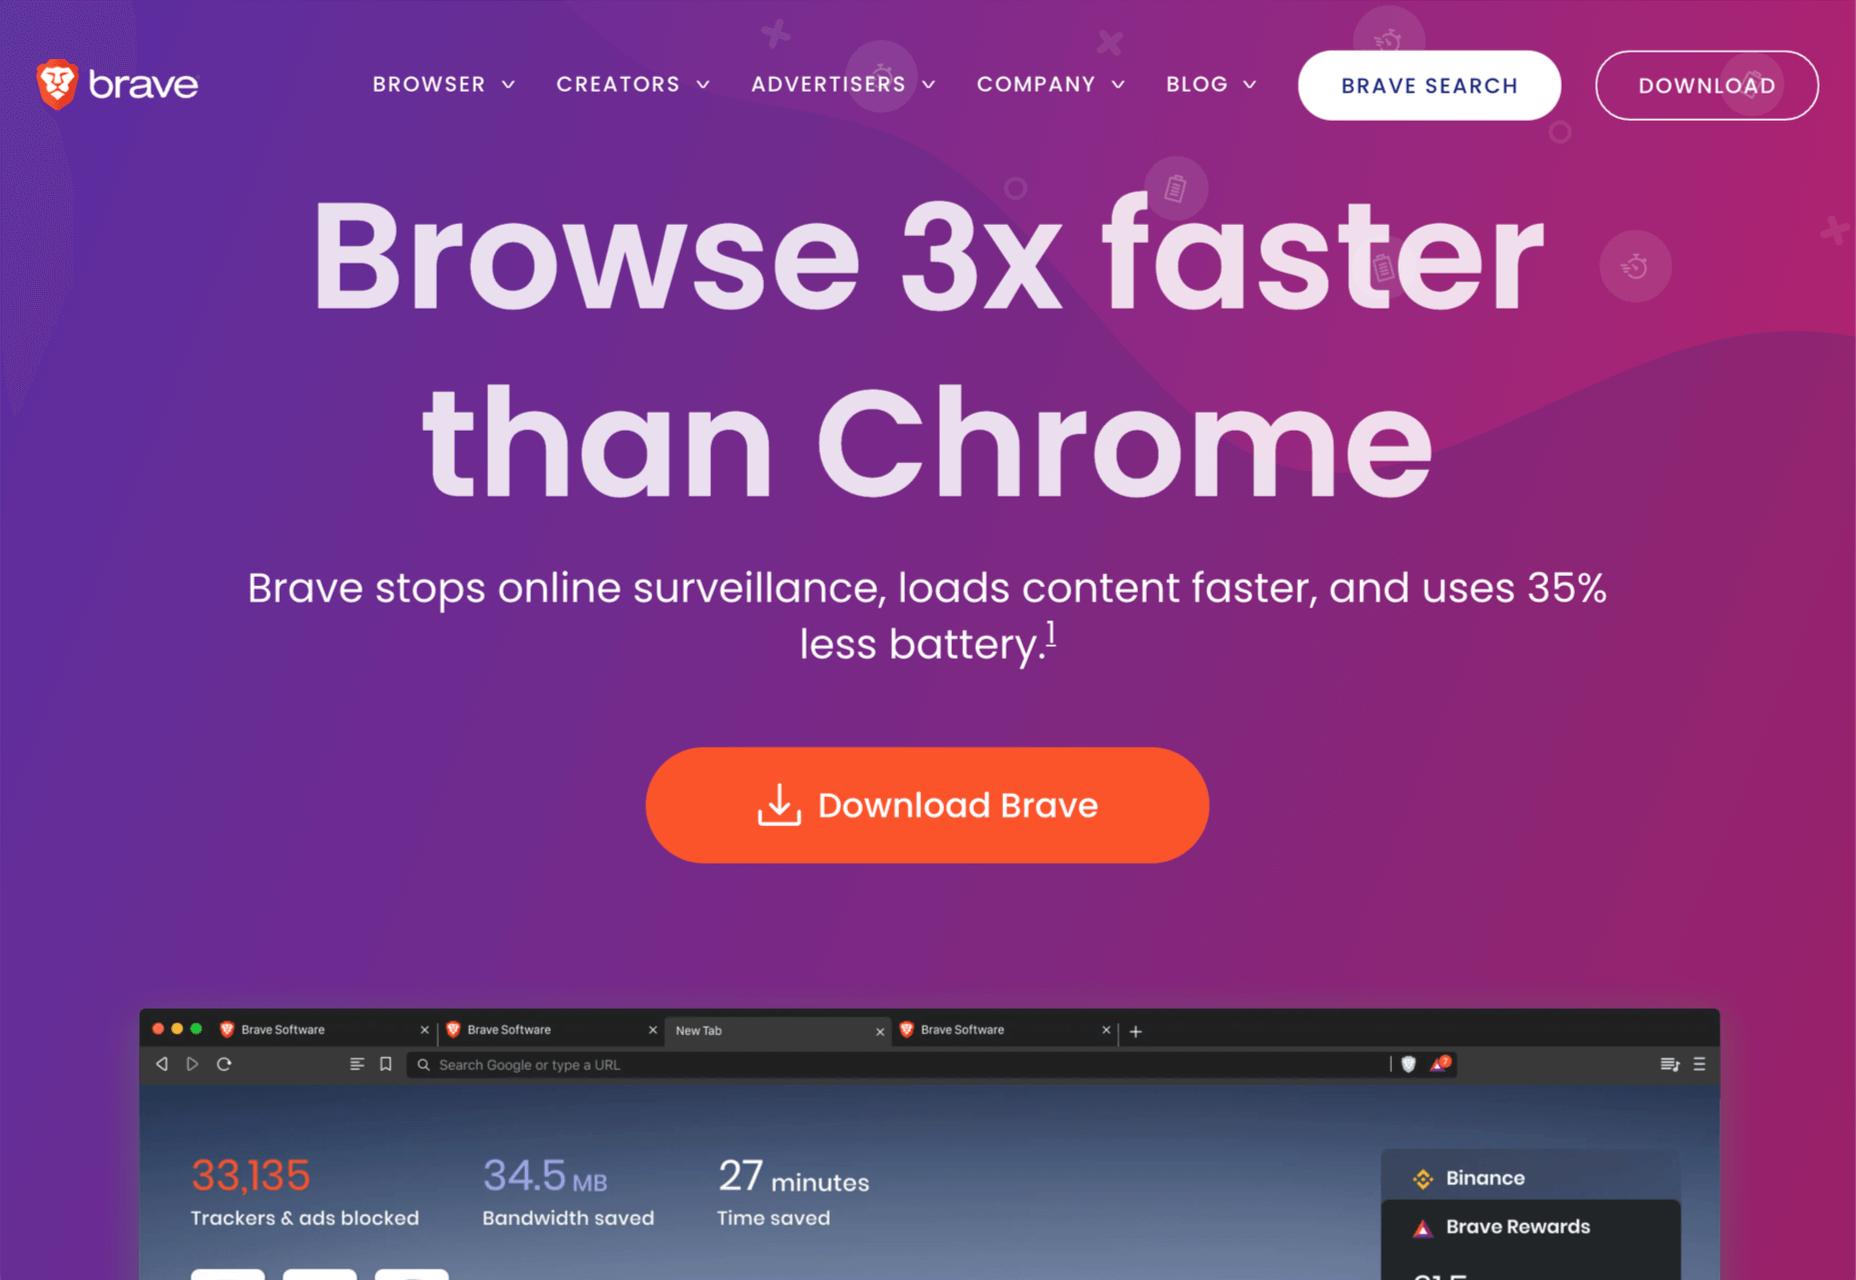 https://www.webdesignerdepot.com/cdn-origin/uploads/2021/06/brave.png